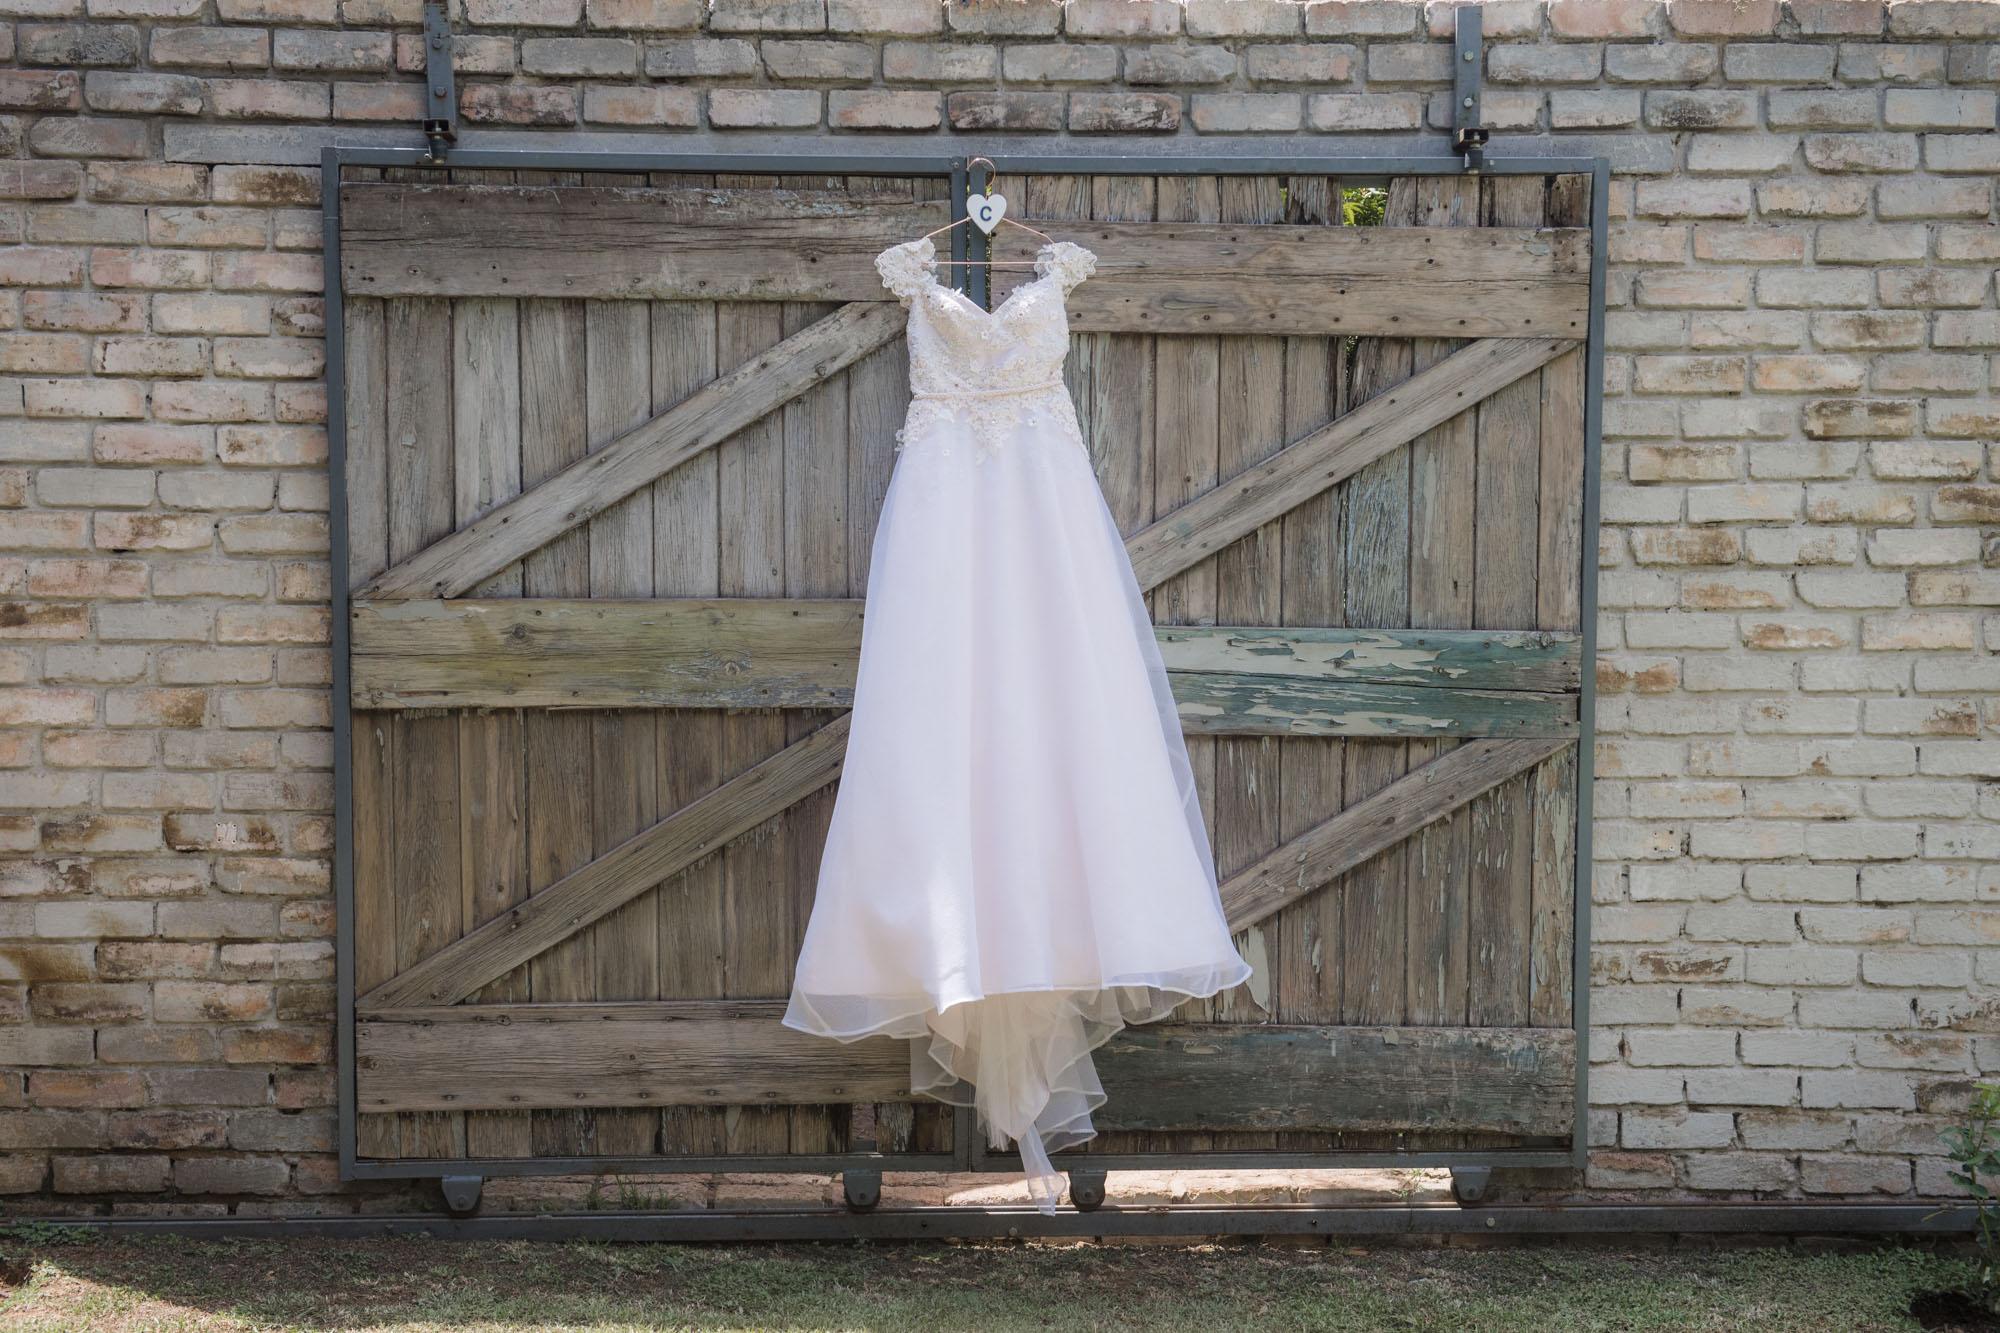 050a-pretoria-wedding-photographers-johannesburg050a-pretoria-wedding-photographers-johannesburg_a.jpg